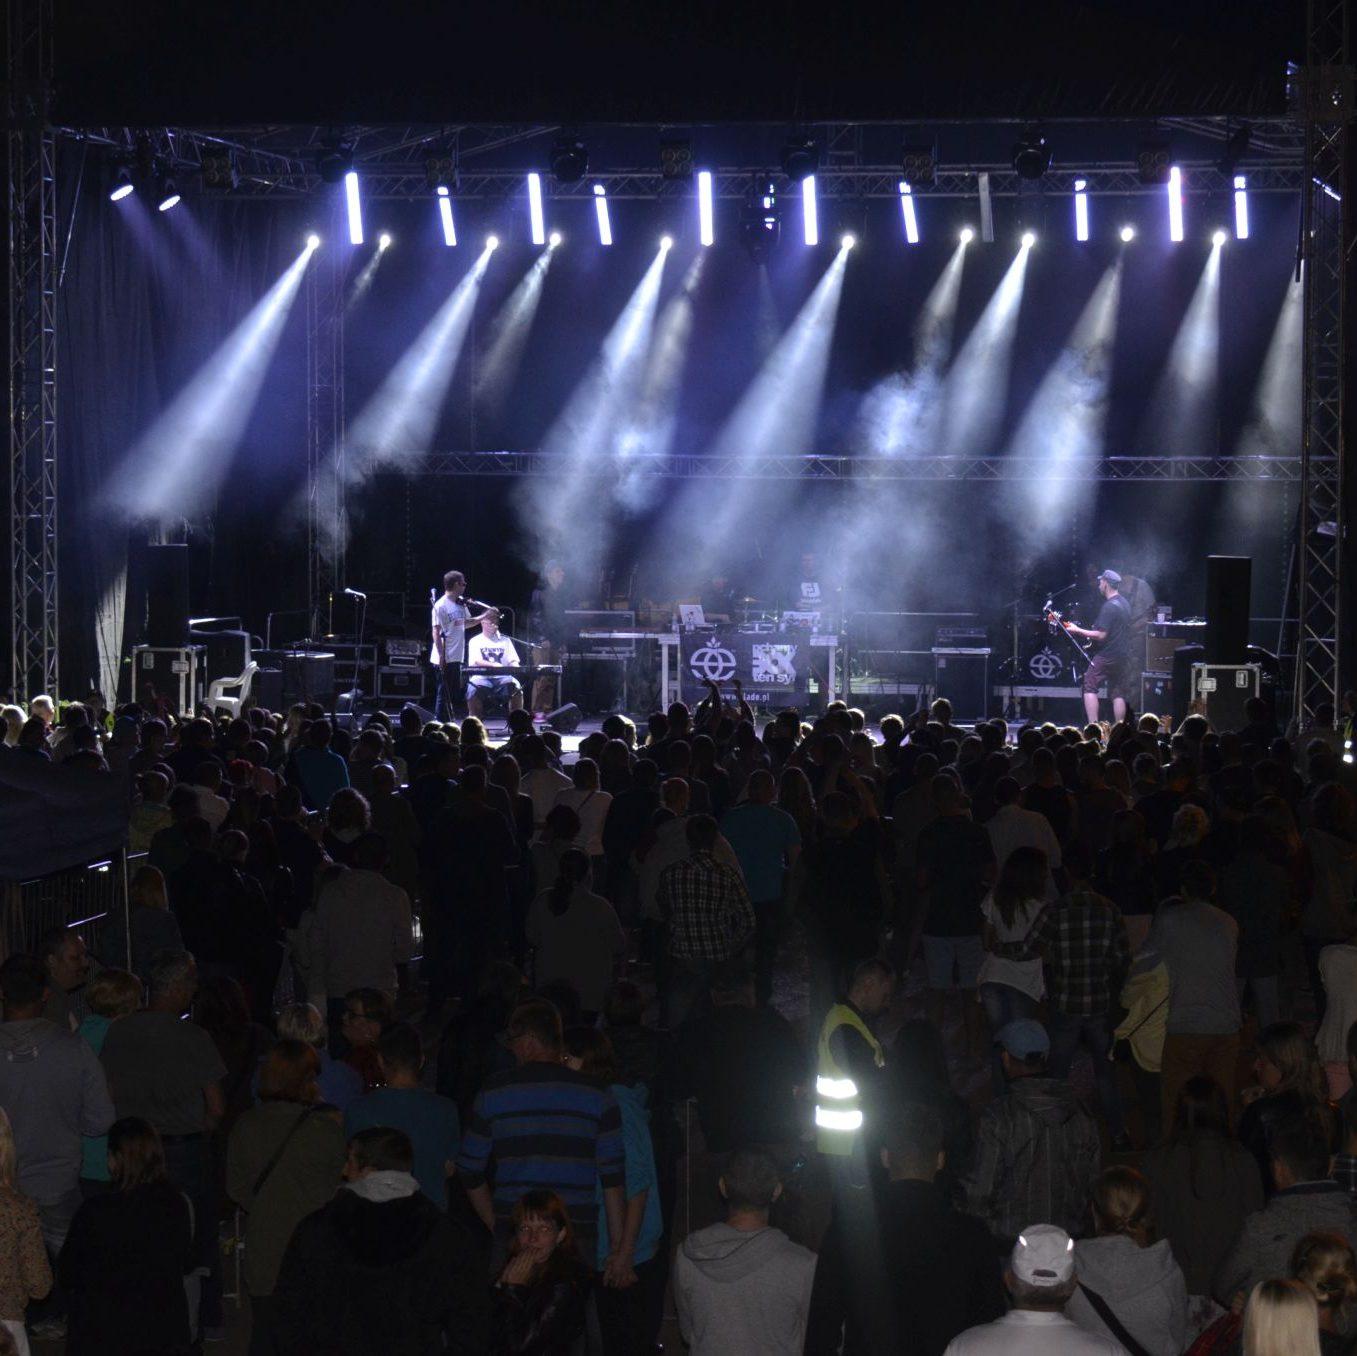 Zdjęcie w tle u góry strony na którym widać kolorowe lasery włączone podczas koncertu w Ząbkowicach Śląskich